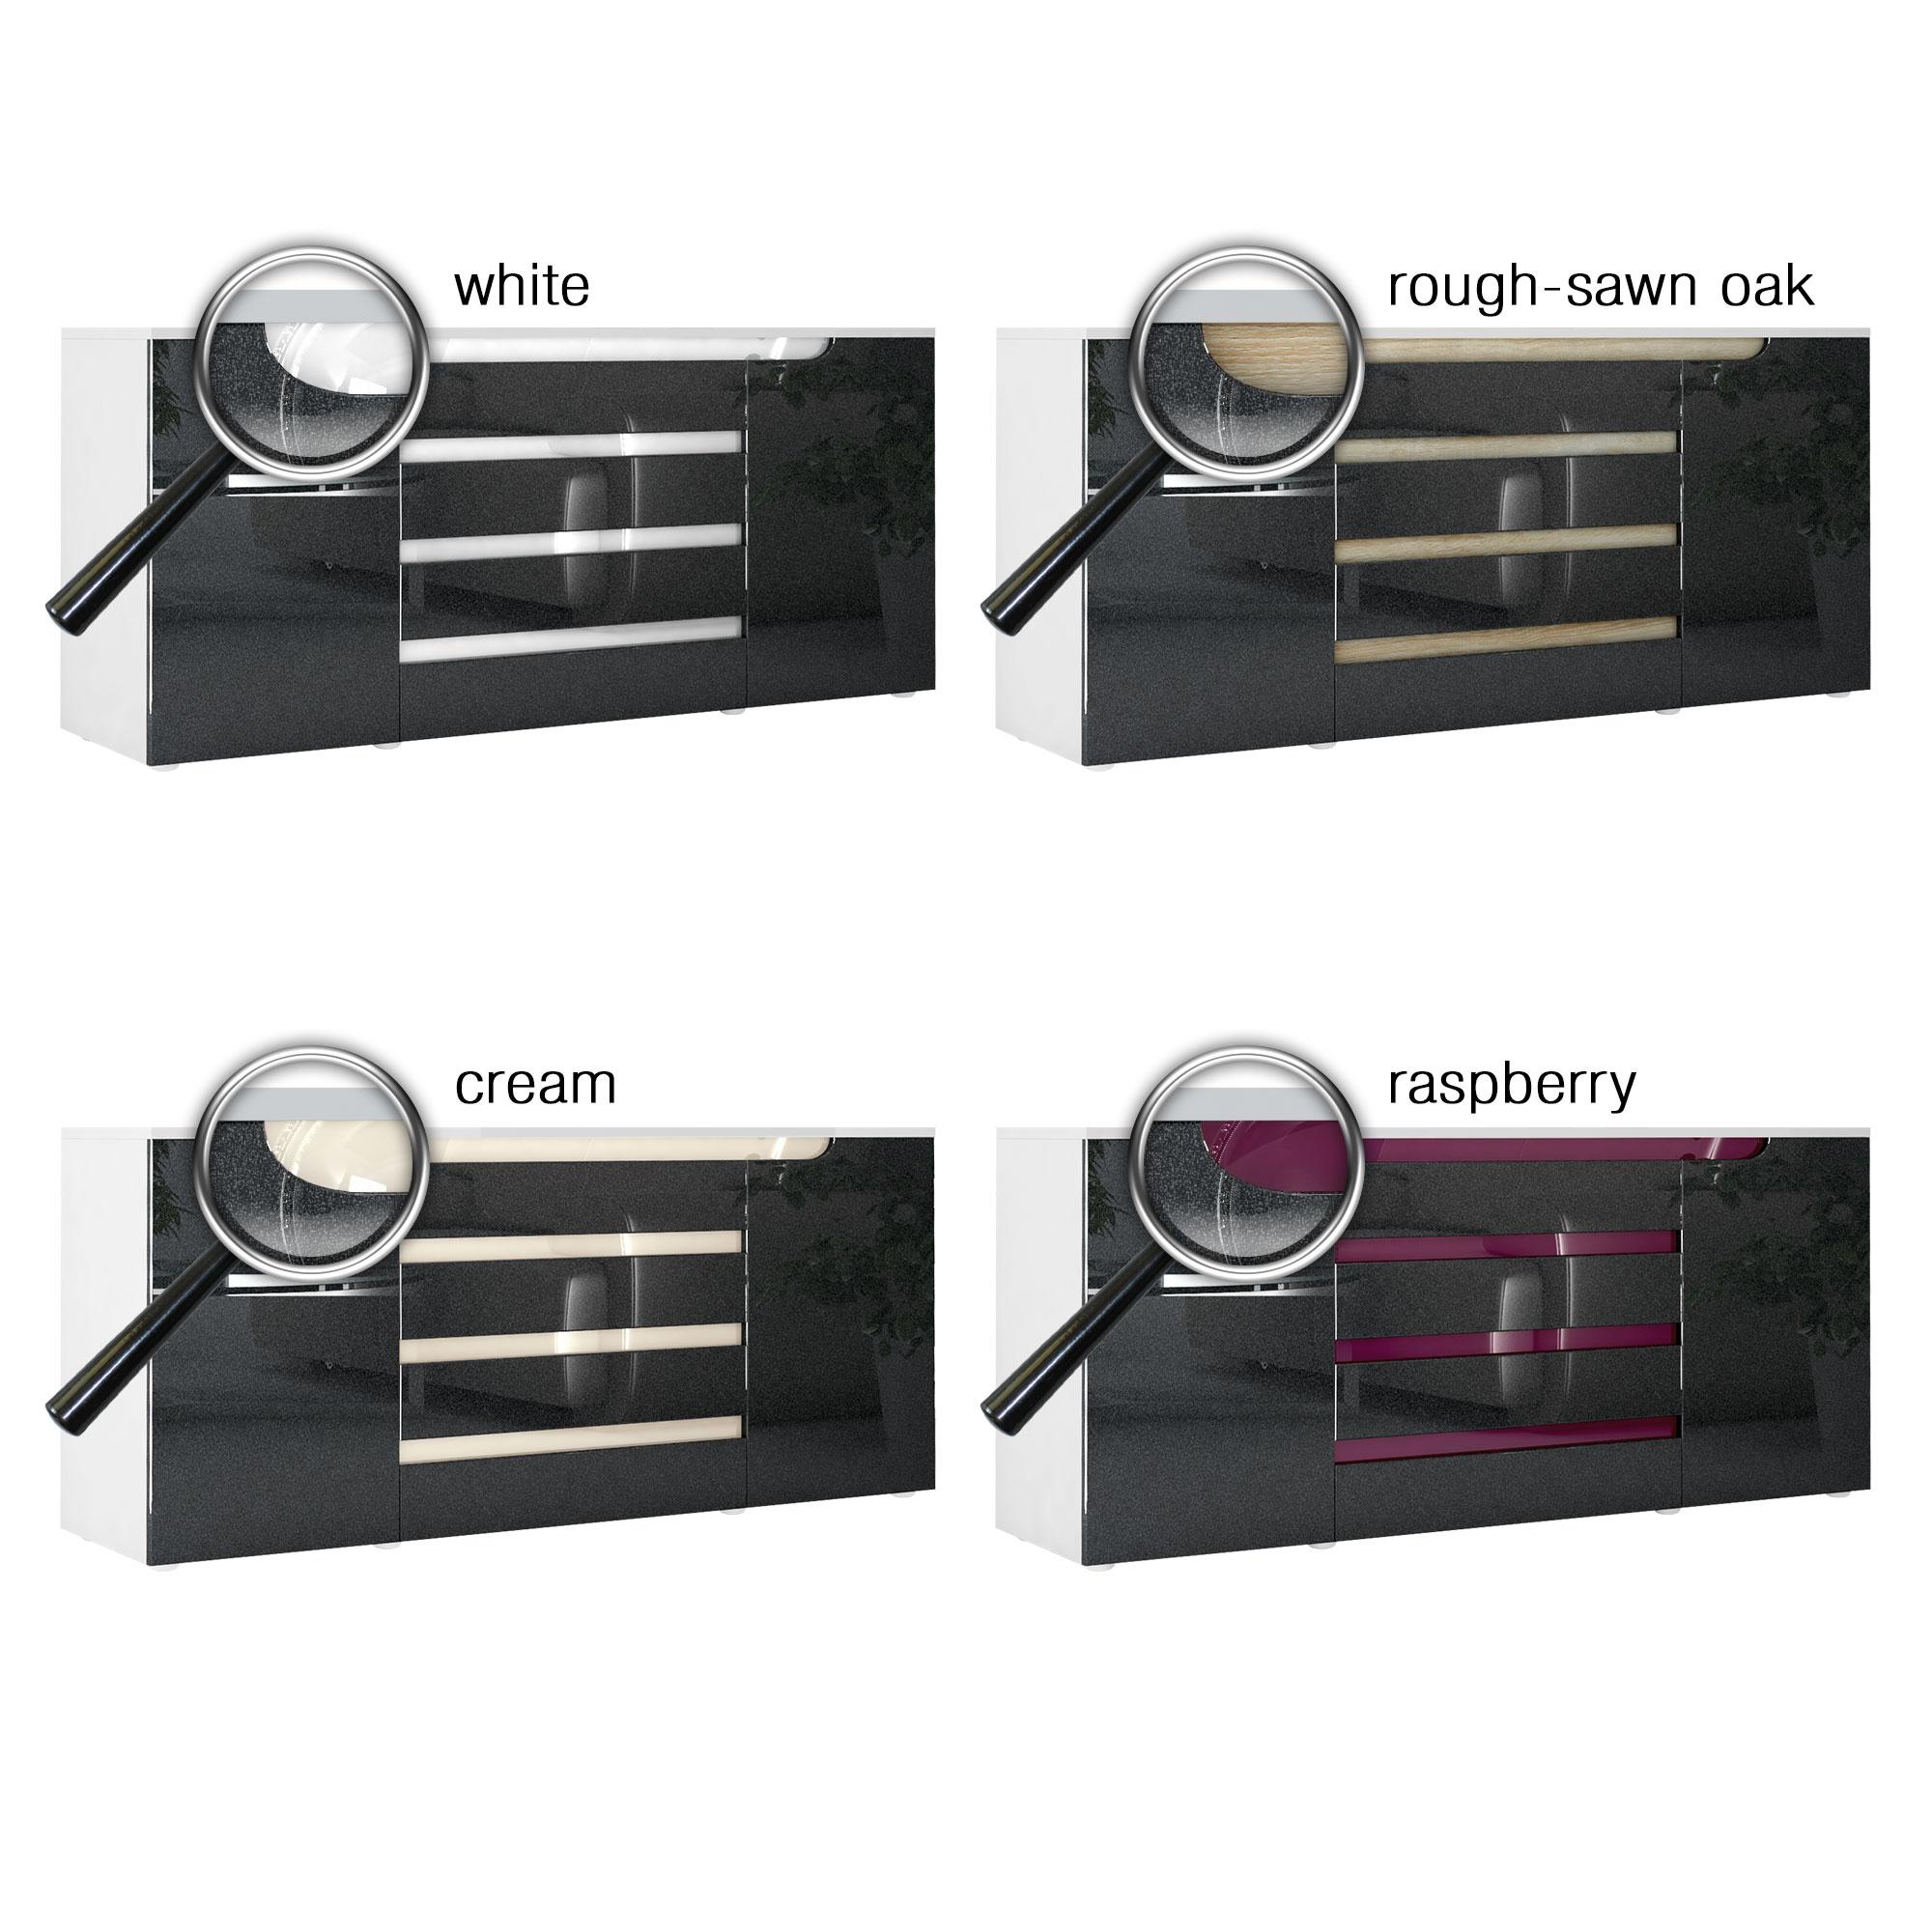 sideboard chest of drawers cabinet sylt v2 white high. Black Bedroom Furniture Sets. Home Design Ideas